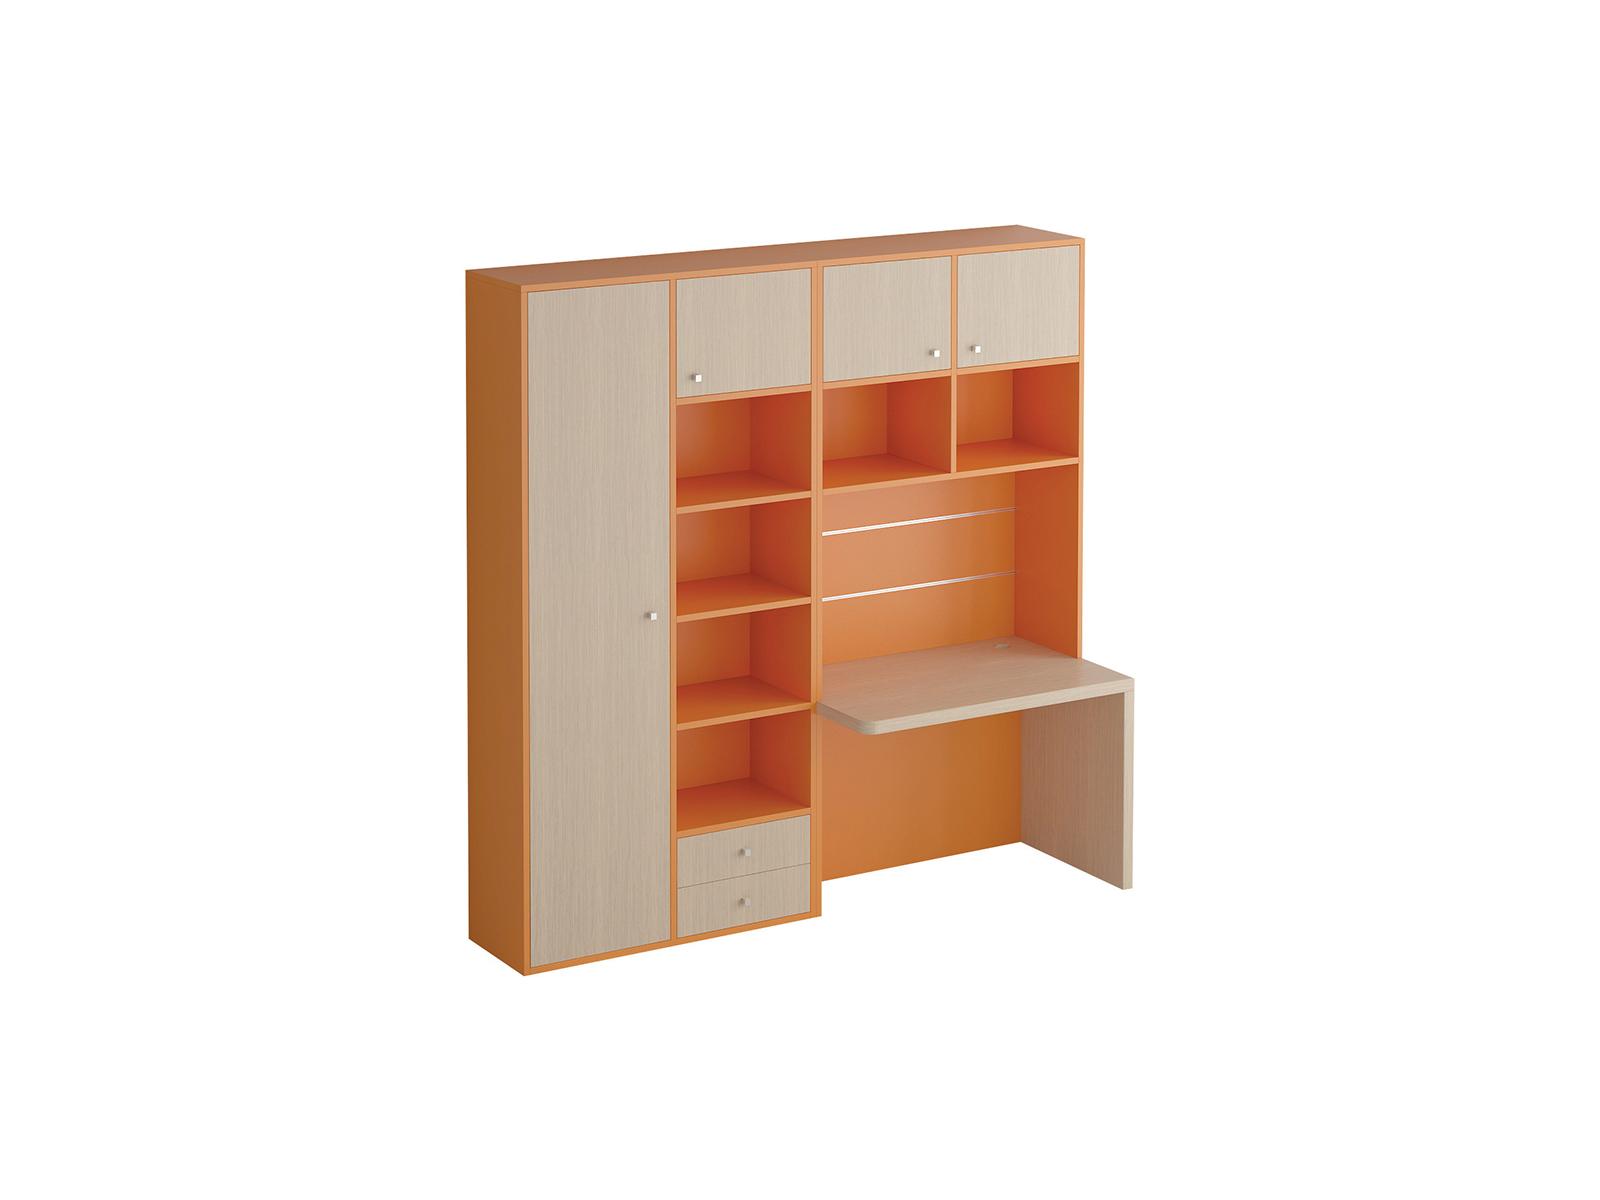 Композиция Pinokkio №6_1Основной раздел каталога<br>Широкий ассортимент модулей и яркий выбор цветов корпусов и фасадов. В коллекции ипользуется фурнитура производства Италии.<br>